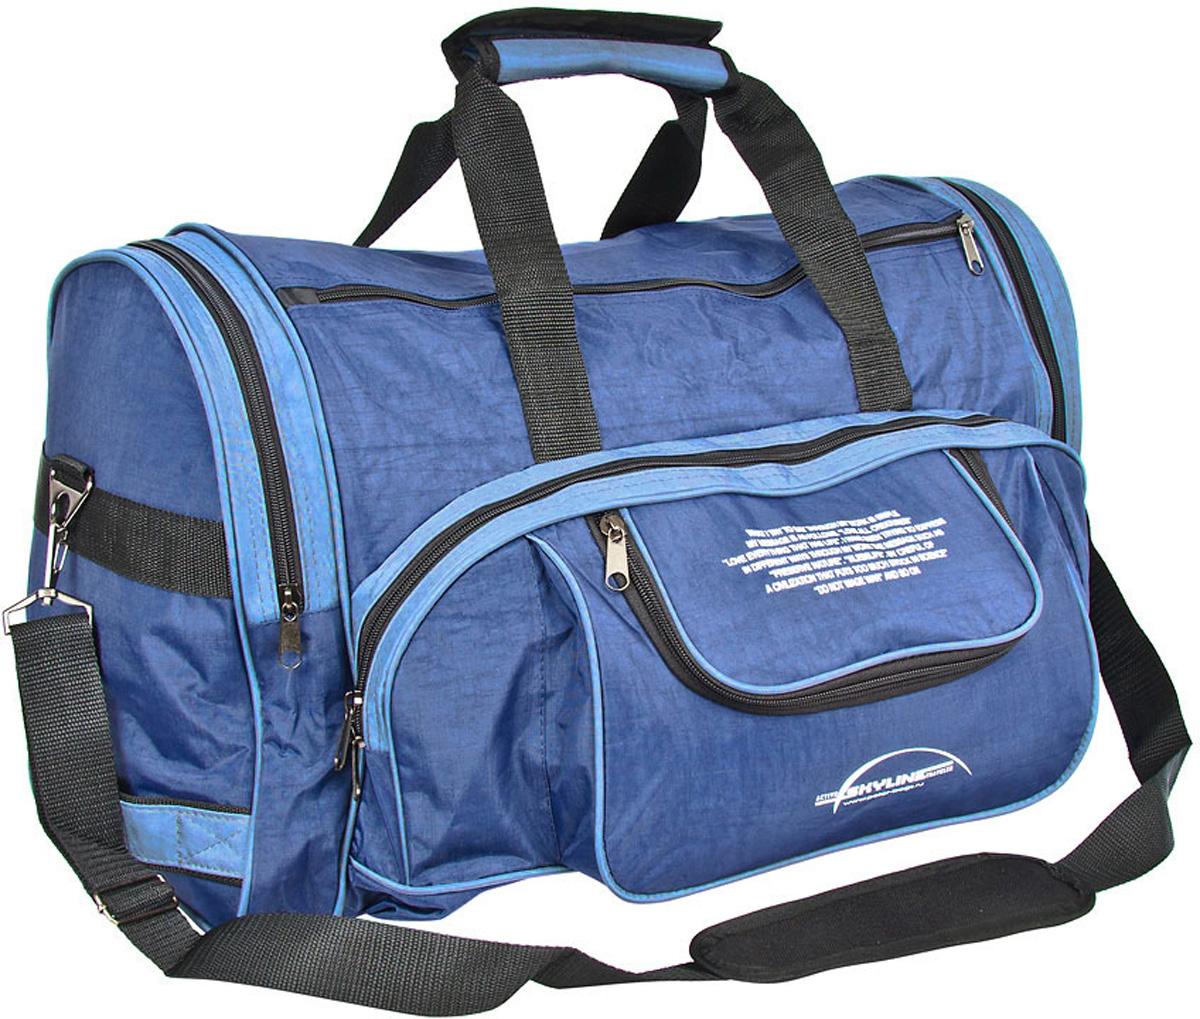 Сумка спортивная Polar Тревел, цвет: синий, голубой, 44,5 л. 606673298с-1Спортивная сумка Polar выполнена из полиэстера с водоотталкивающей пропиткой.Сумка имеет одно большое отделение. На лицевой стороне и по бокам сумки расположены карманы на молнии. Изделие оснащено двумя удобными текстильными ручками и съемным плечевым ремнем.